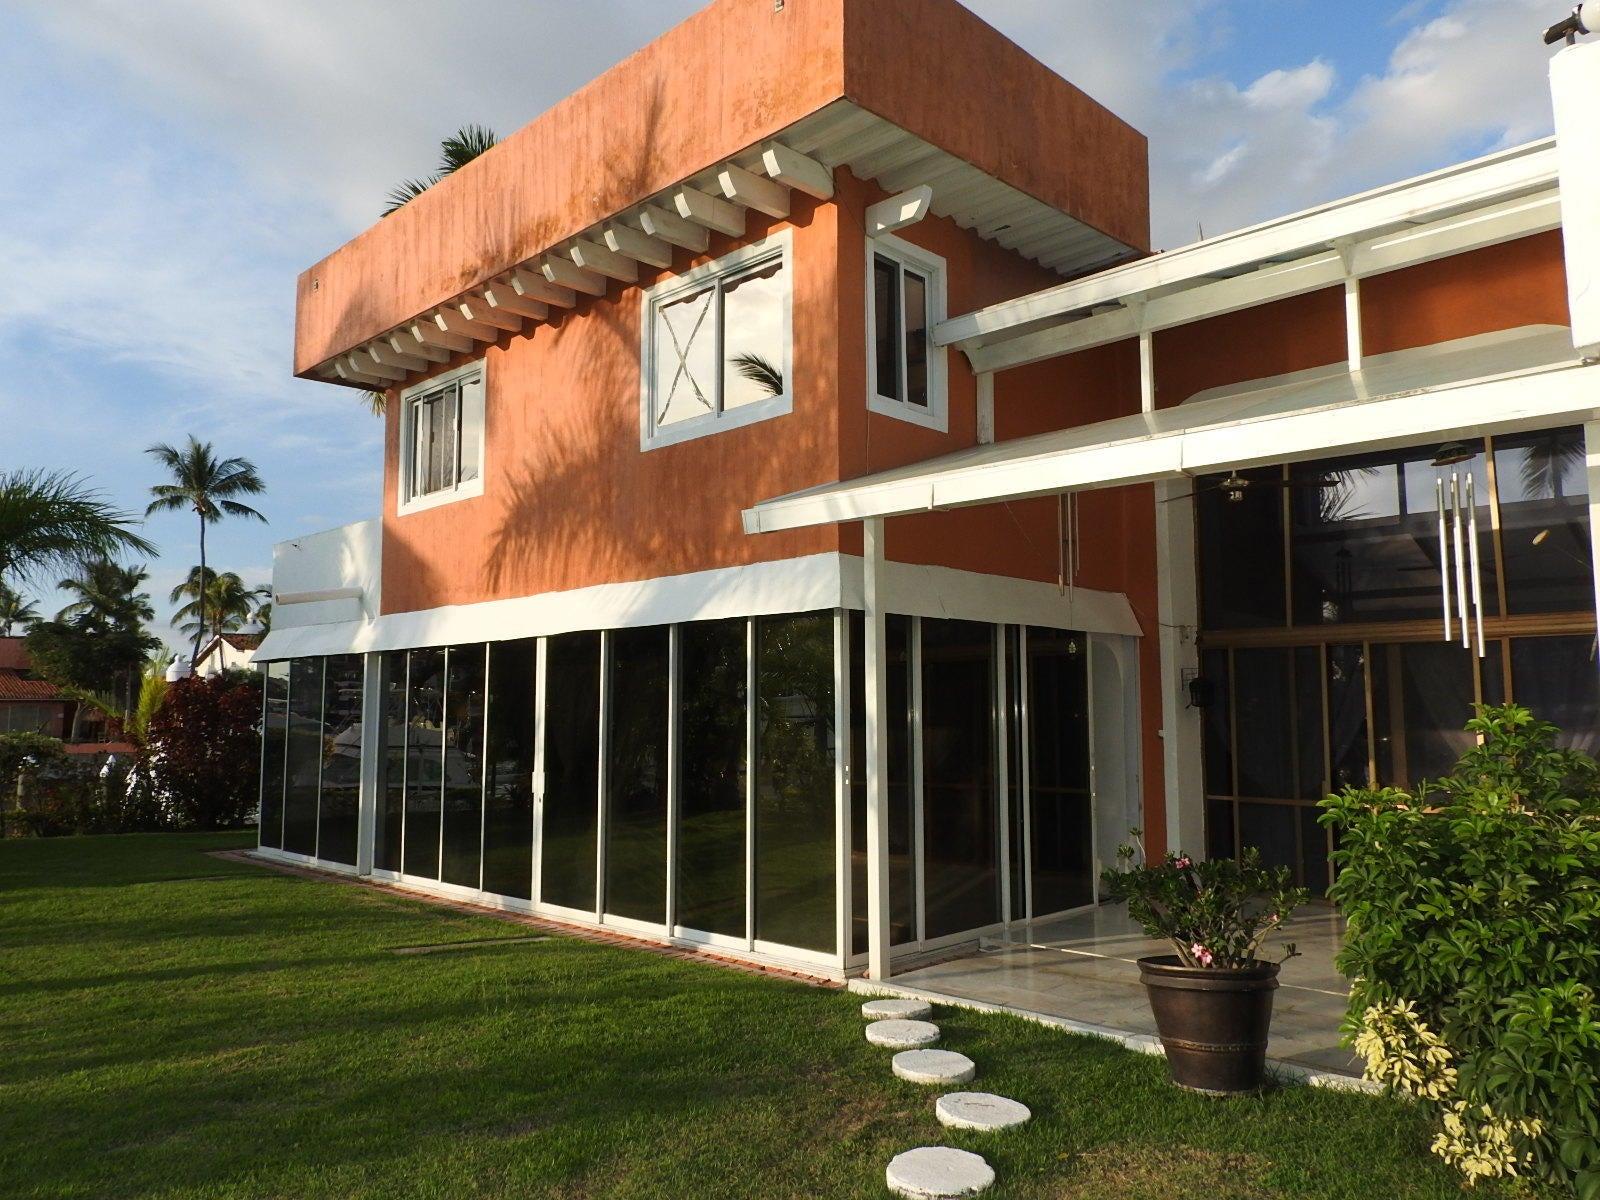 KM 4.5 Blvd. Francisco Medina Ascenci VILLA V, ISLA IGUANA, Puerto Vallarta, JA